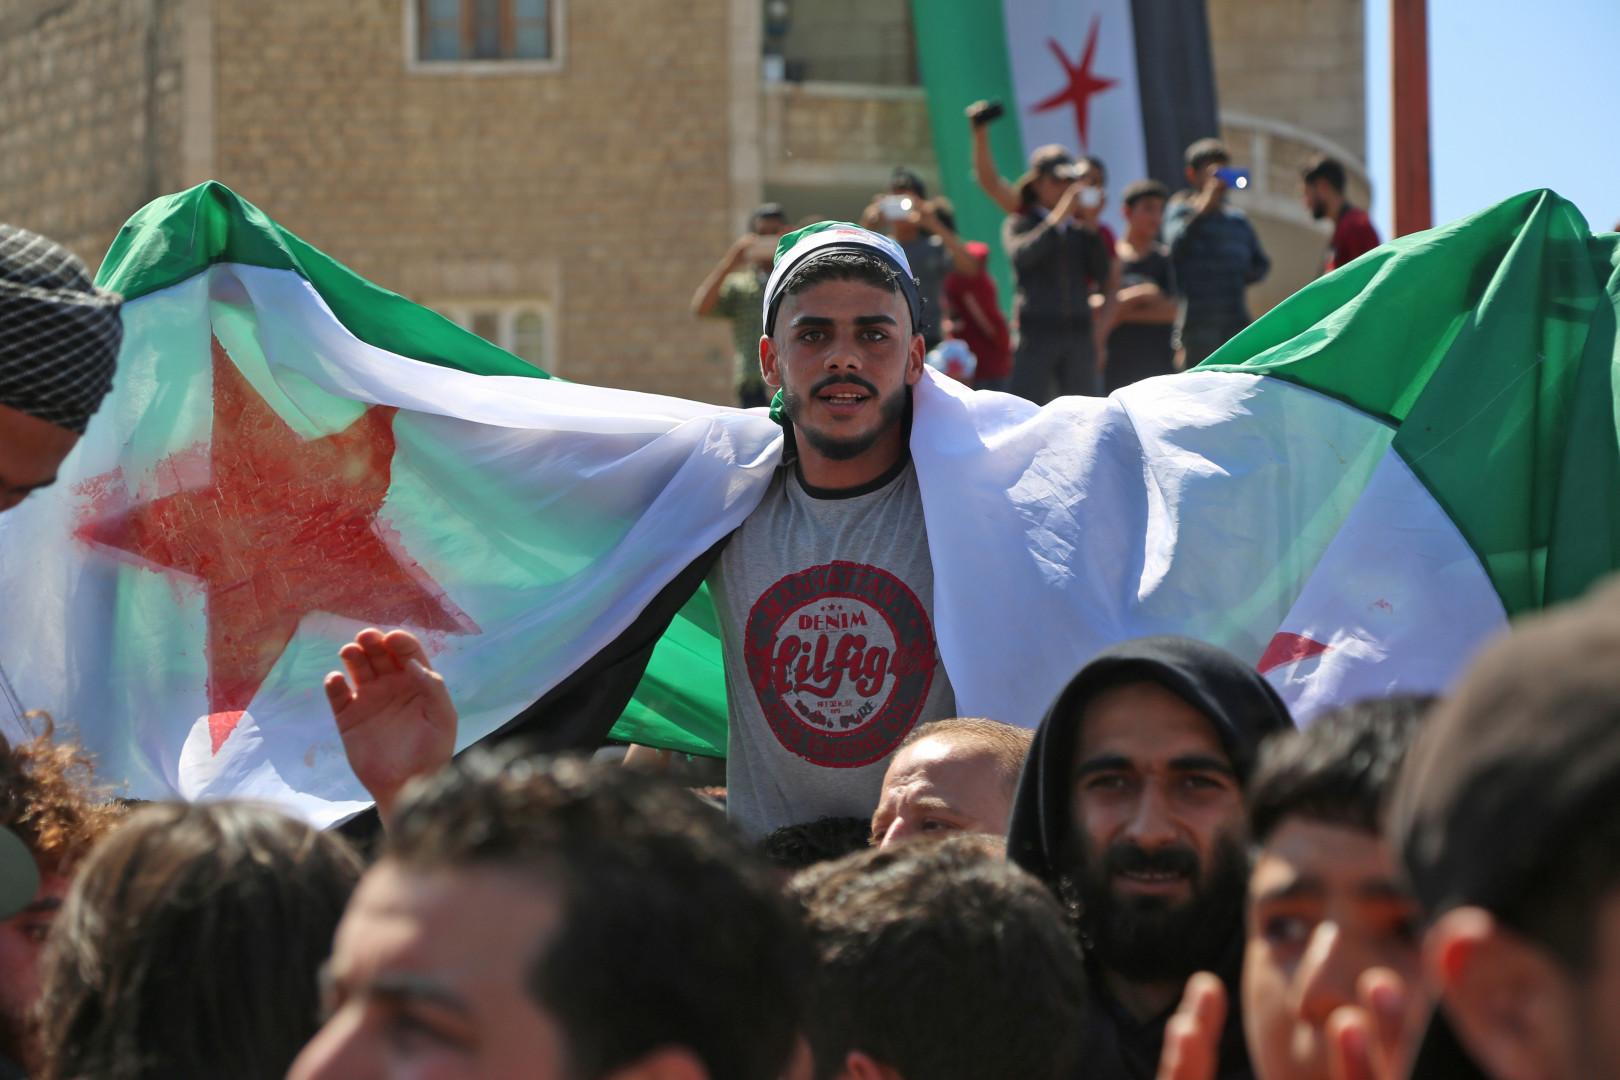 Le drapeau de l'opposition flotte dans la province d'Idleb pour protester contre le régime de Bachar al-Assad et le massacre annoncé